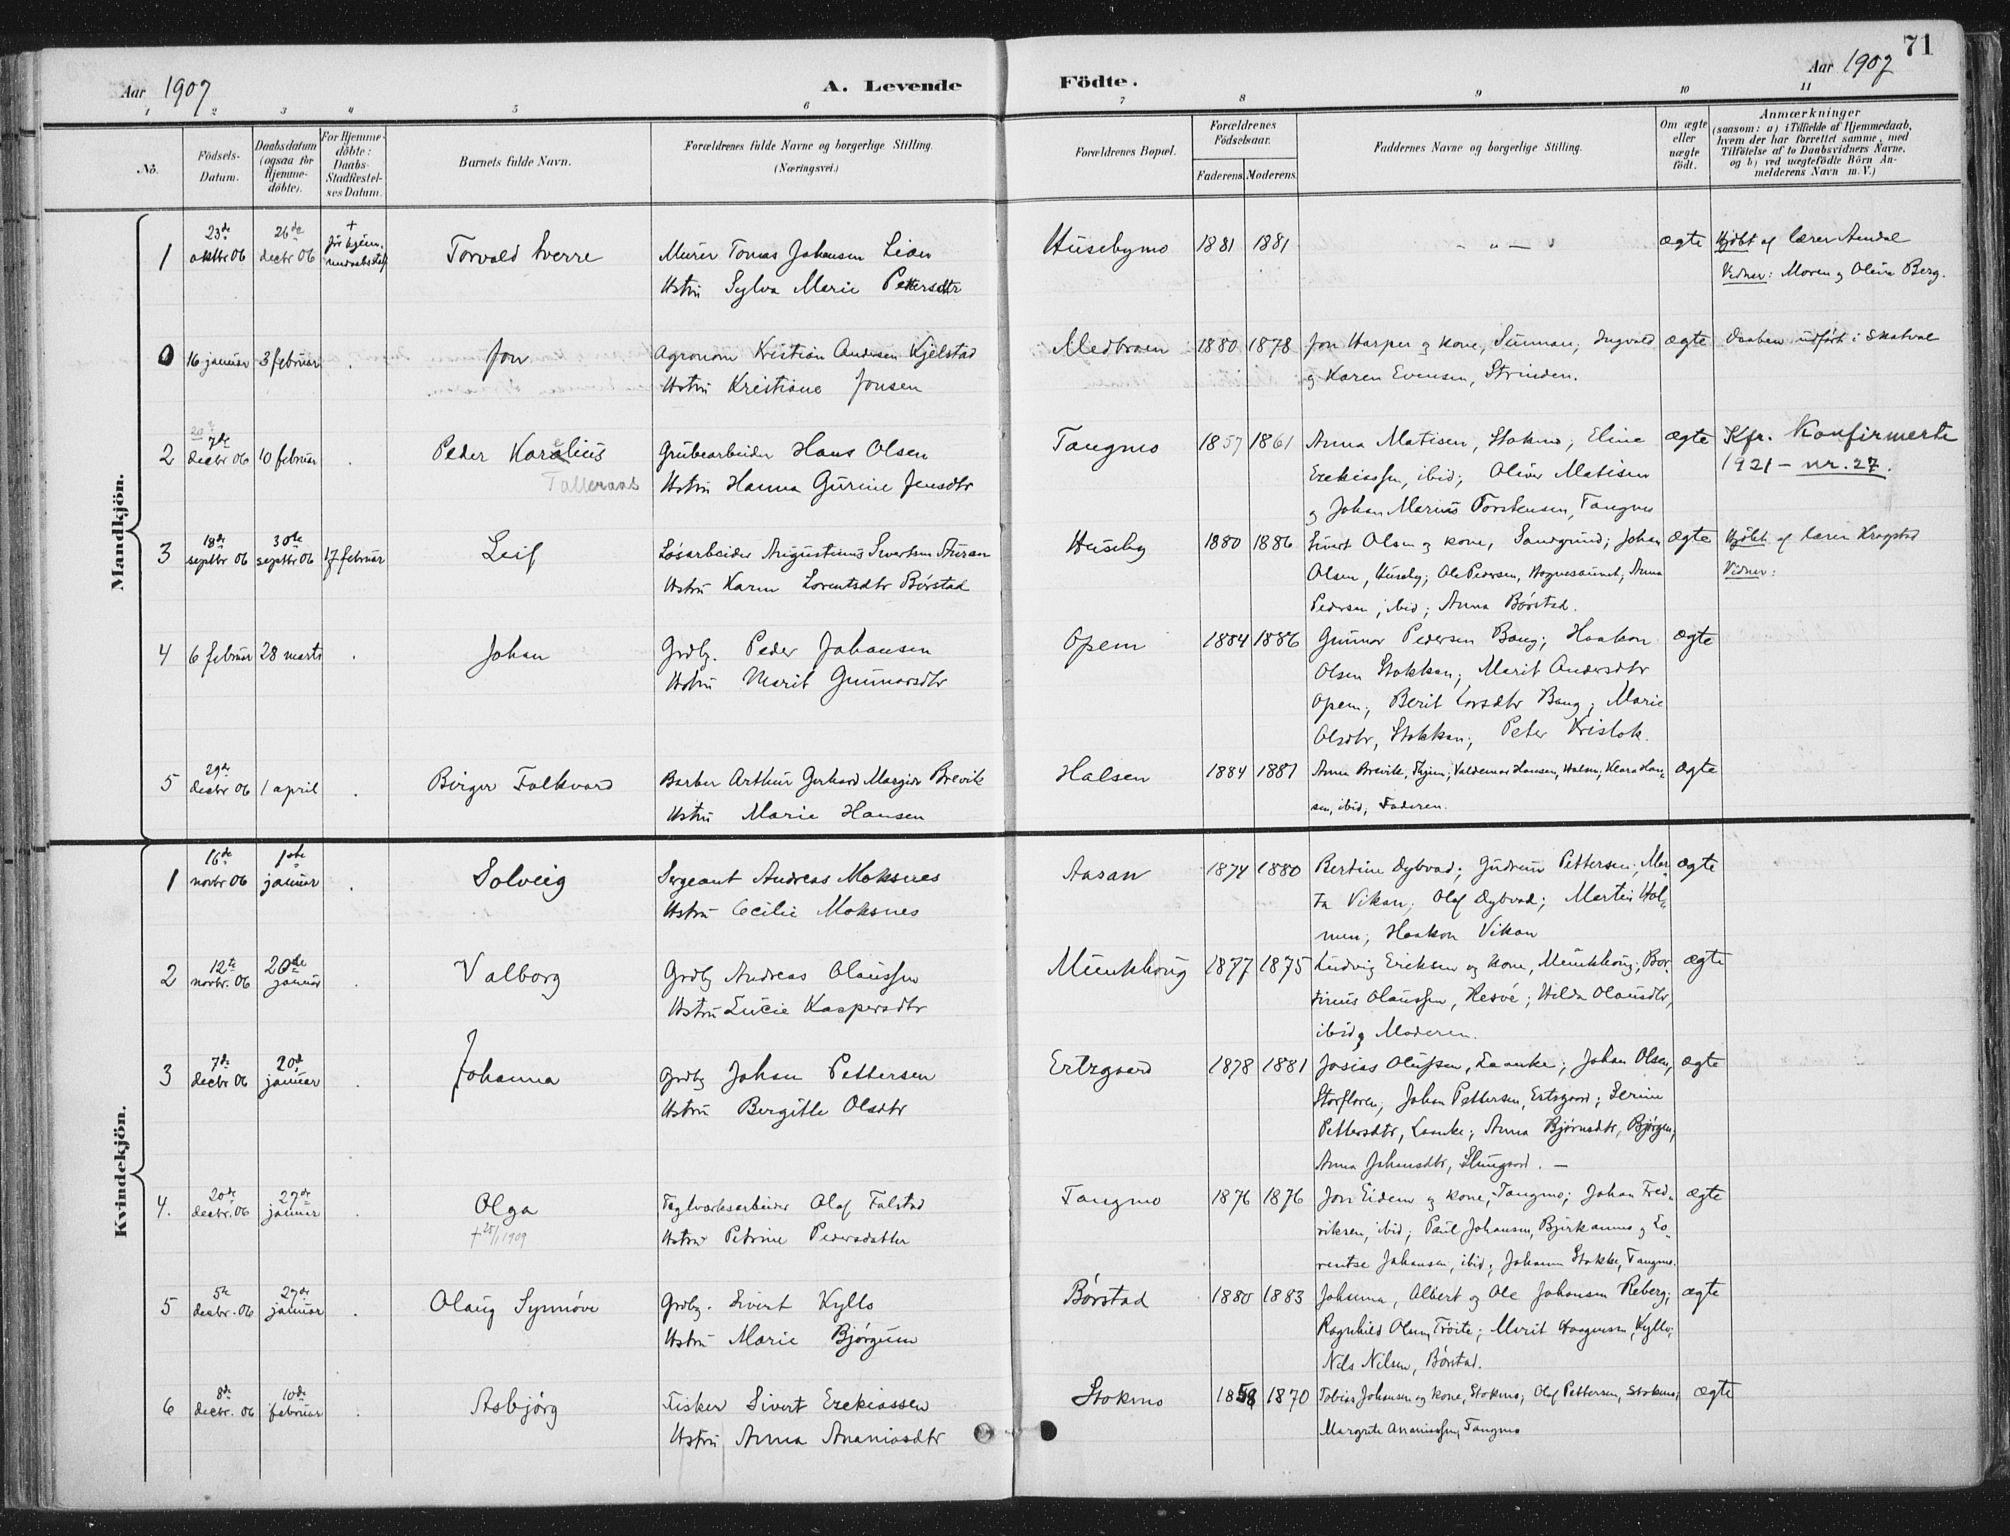 SAT, Ministerialprotokoller, klokkerbøker og fødselsregistre - Nord-Trøndelag, 709/L0082: Ministerialbok nr. 709A22, 1896-1916, s. 71